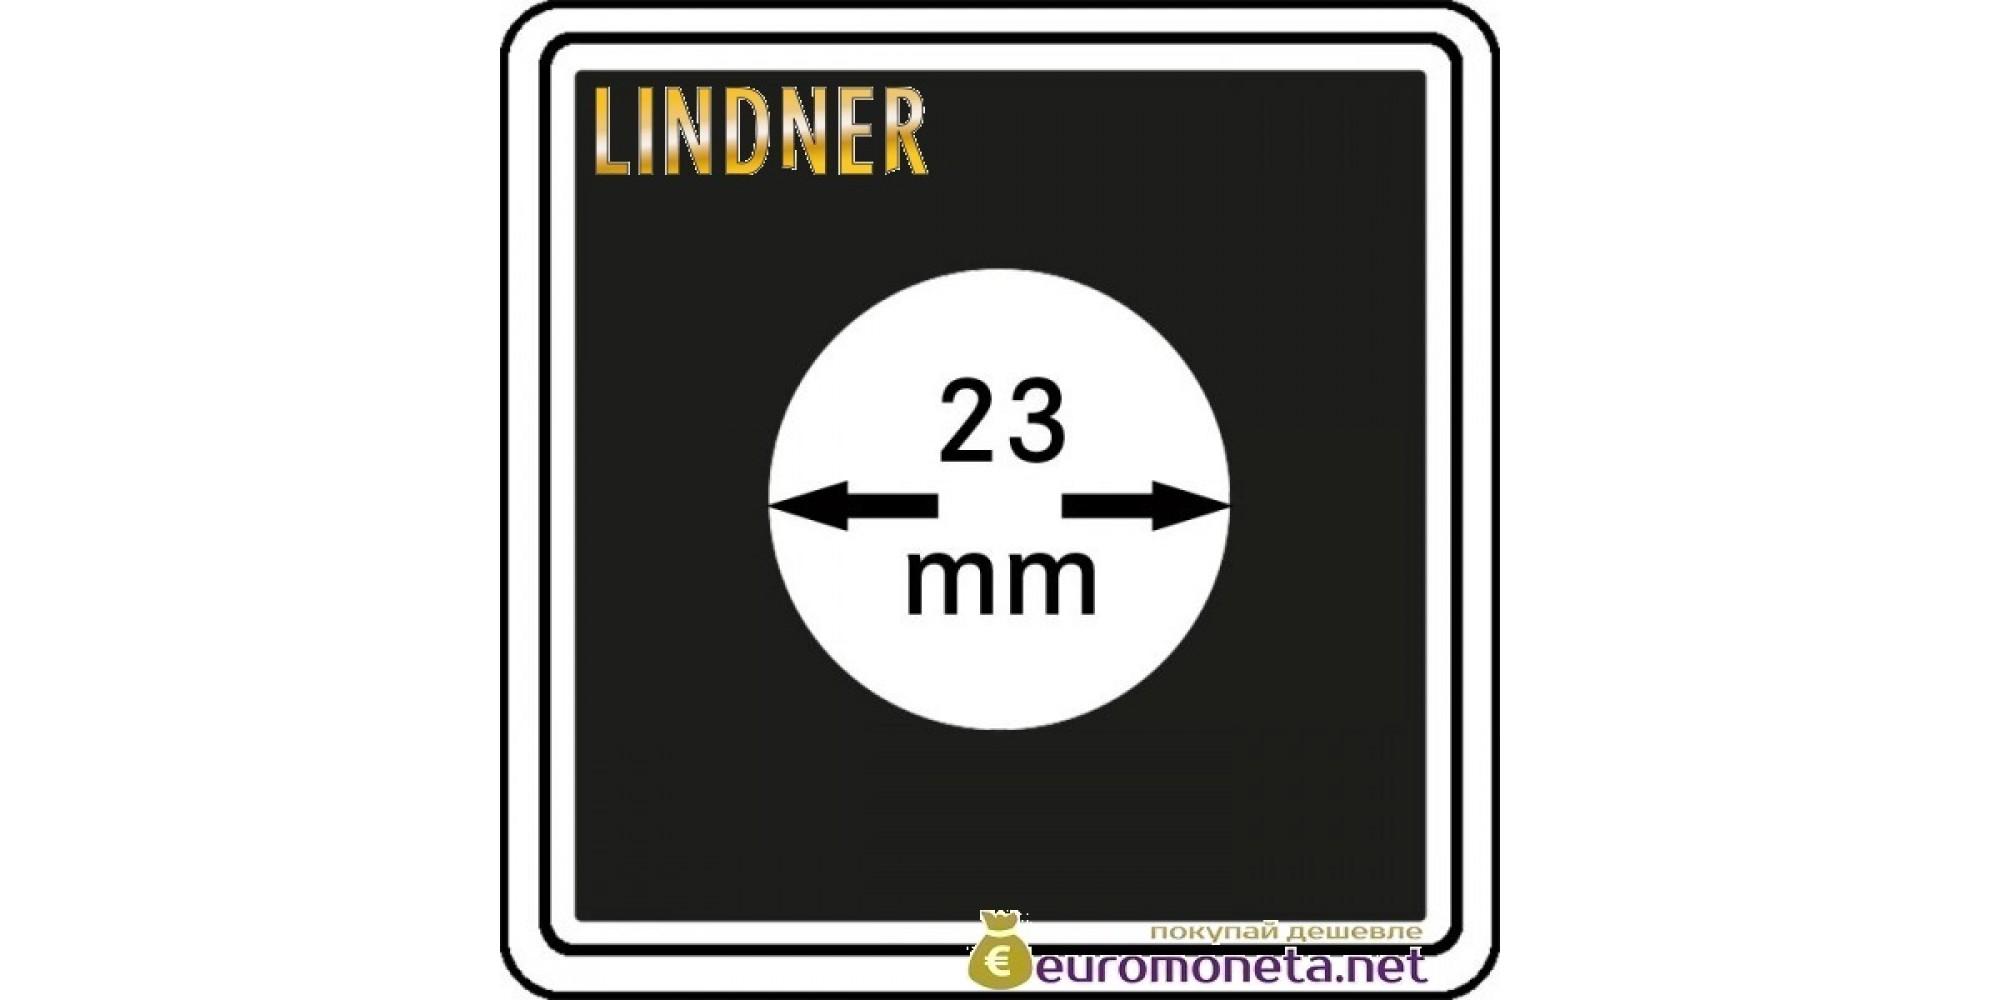 Капсула для монет квадратная CARREE 23 мм Lindner Германия 50х50